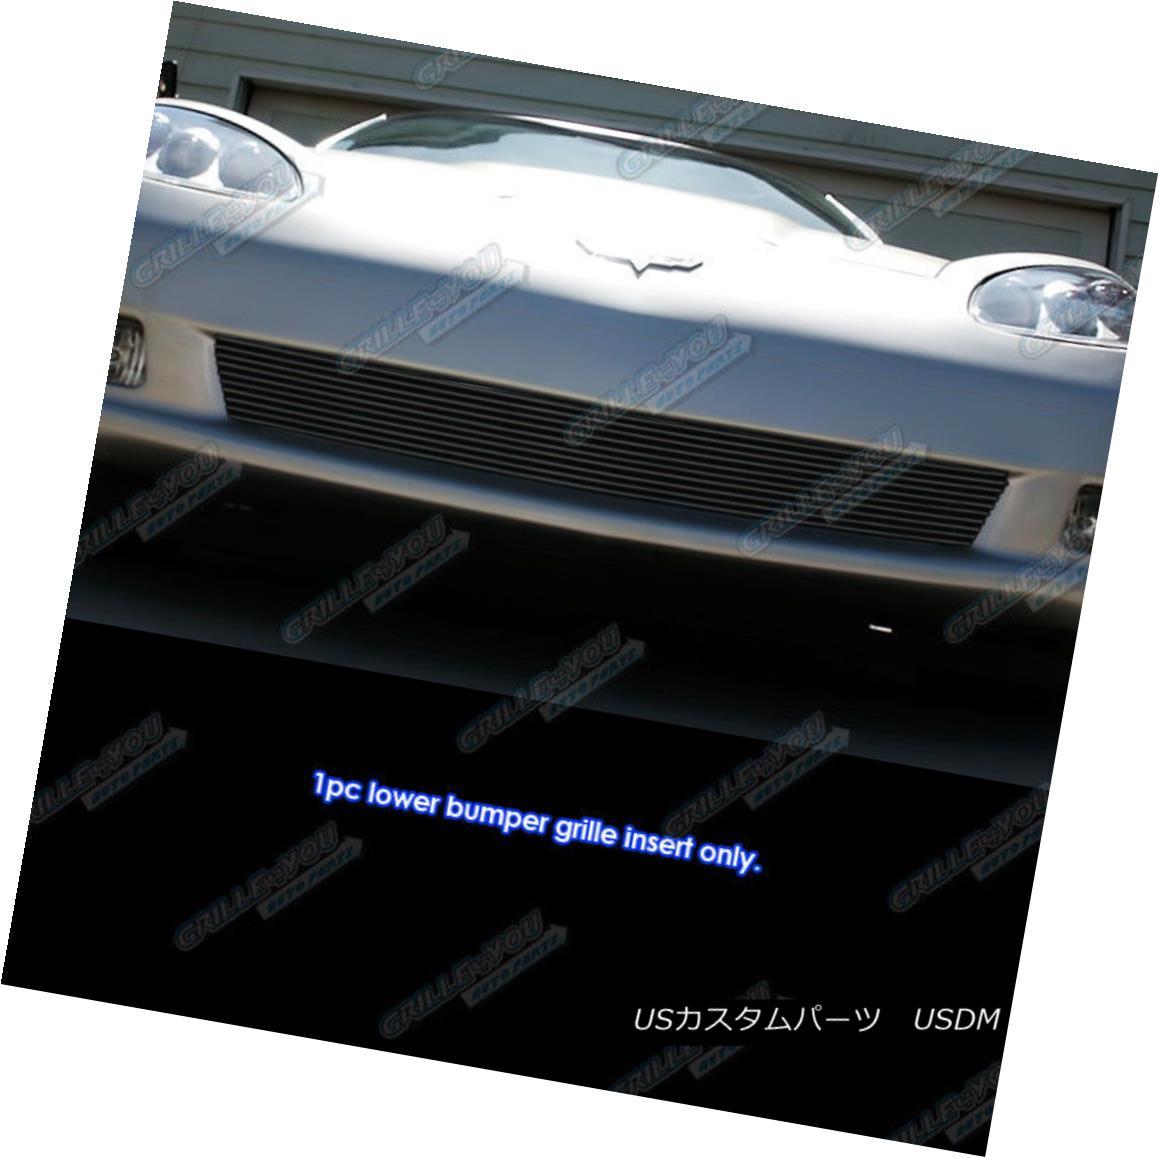 グリル Fits 2006-2010 Chevy Corvette C6 Bumper Black Billet Grille Grill Insert フィット2006年 - 2010年シボレーコルベットC6バンパーブラックビレットグリルグリルインサート